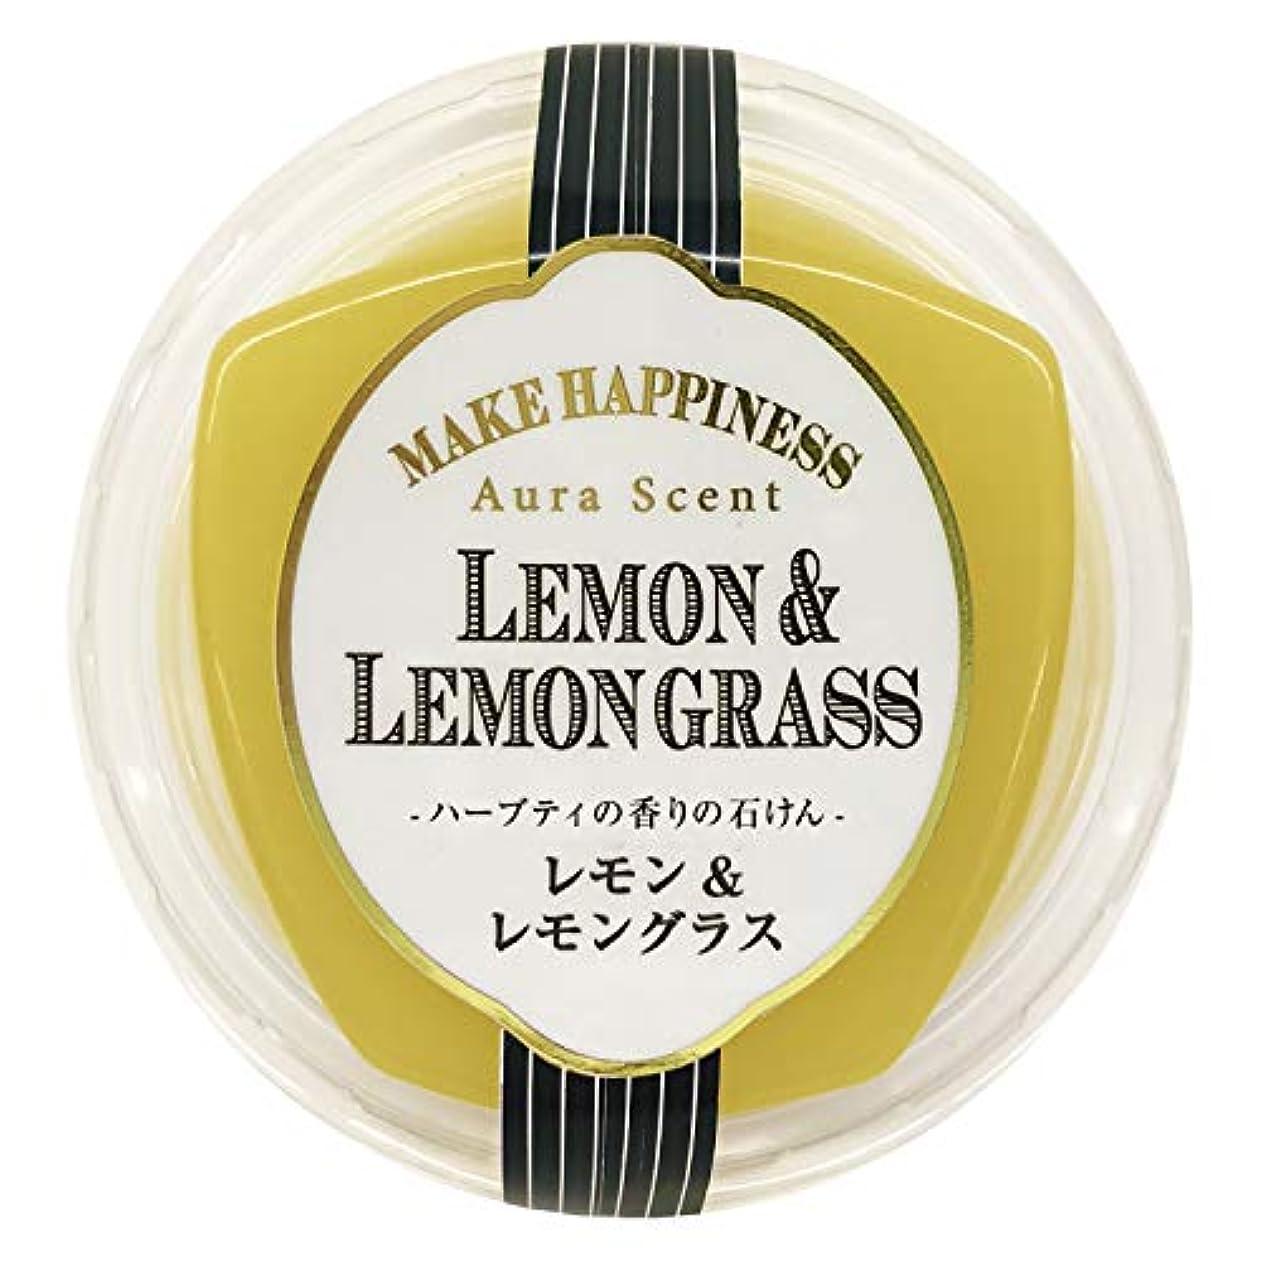 平行アクロバットきらめきペリカン石鹸 オーラセント クリアソープ レモン&レモングラス 75g